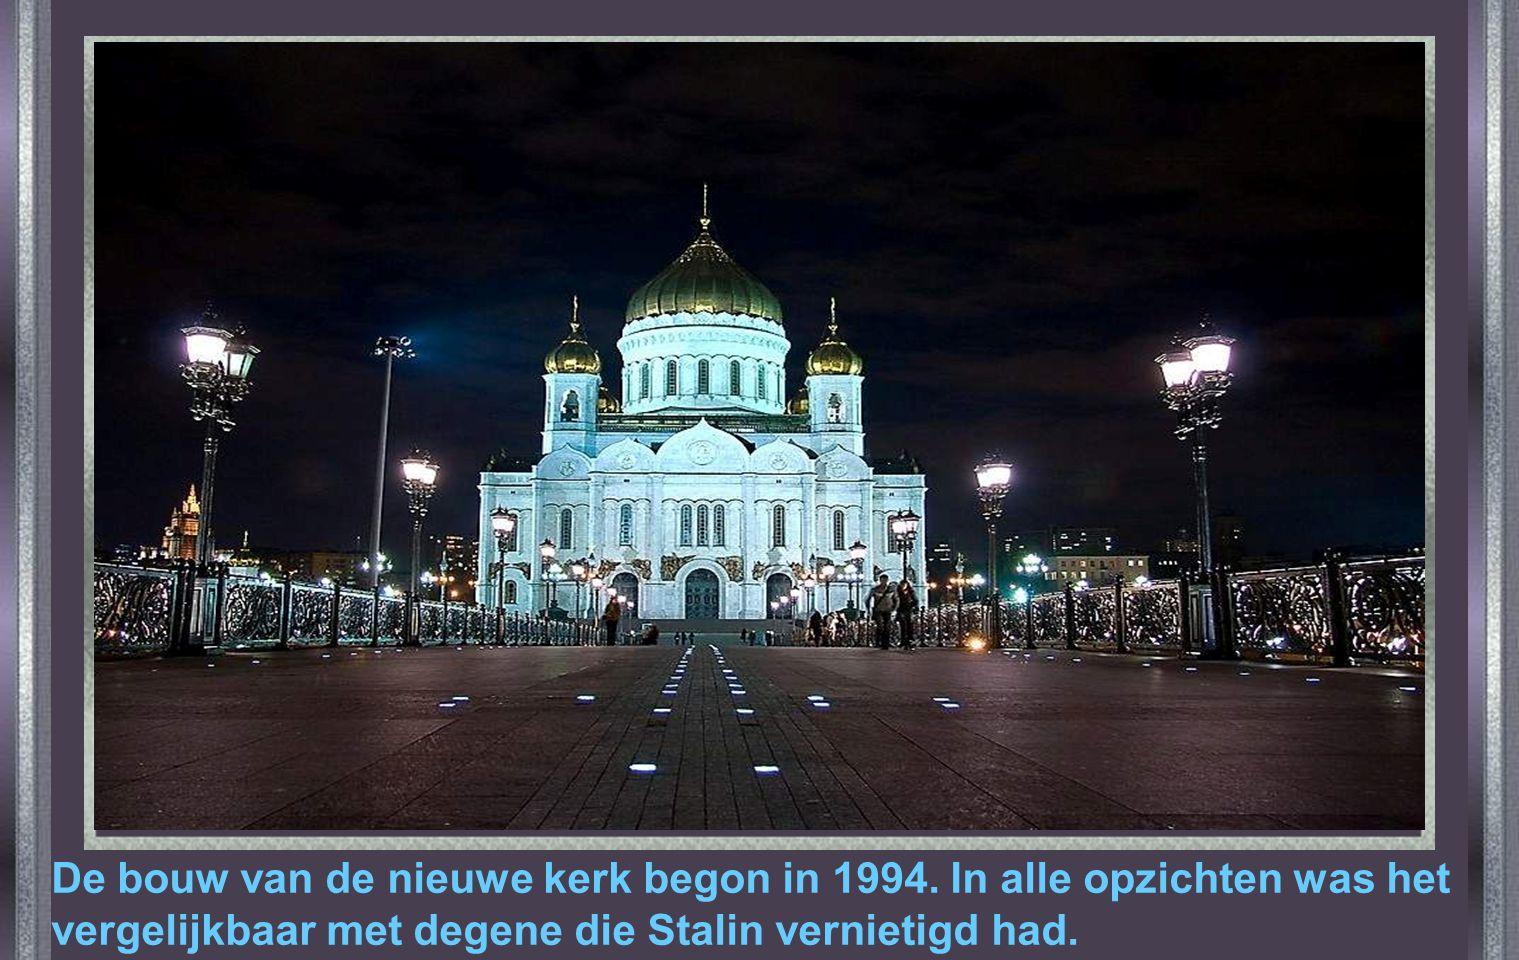 De bouw van de nieuwe kerk begon in 1994